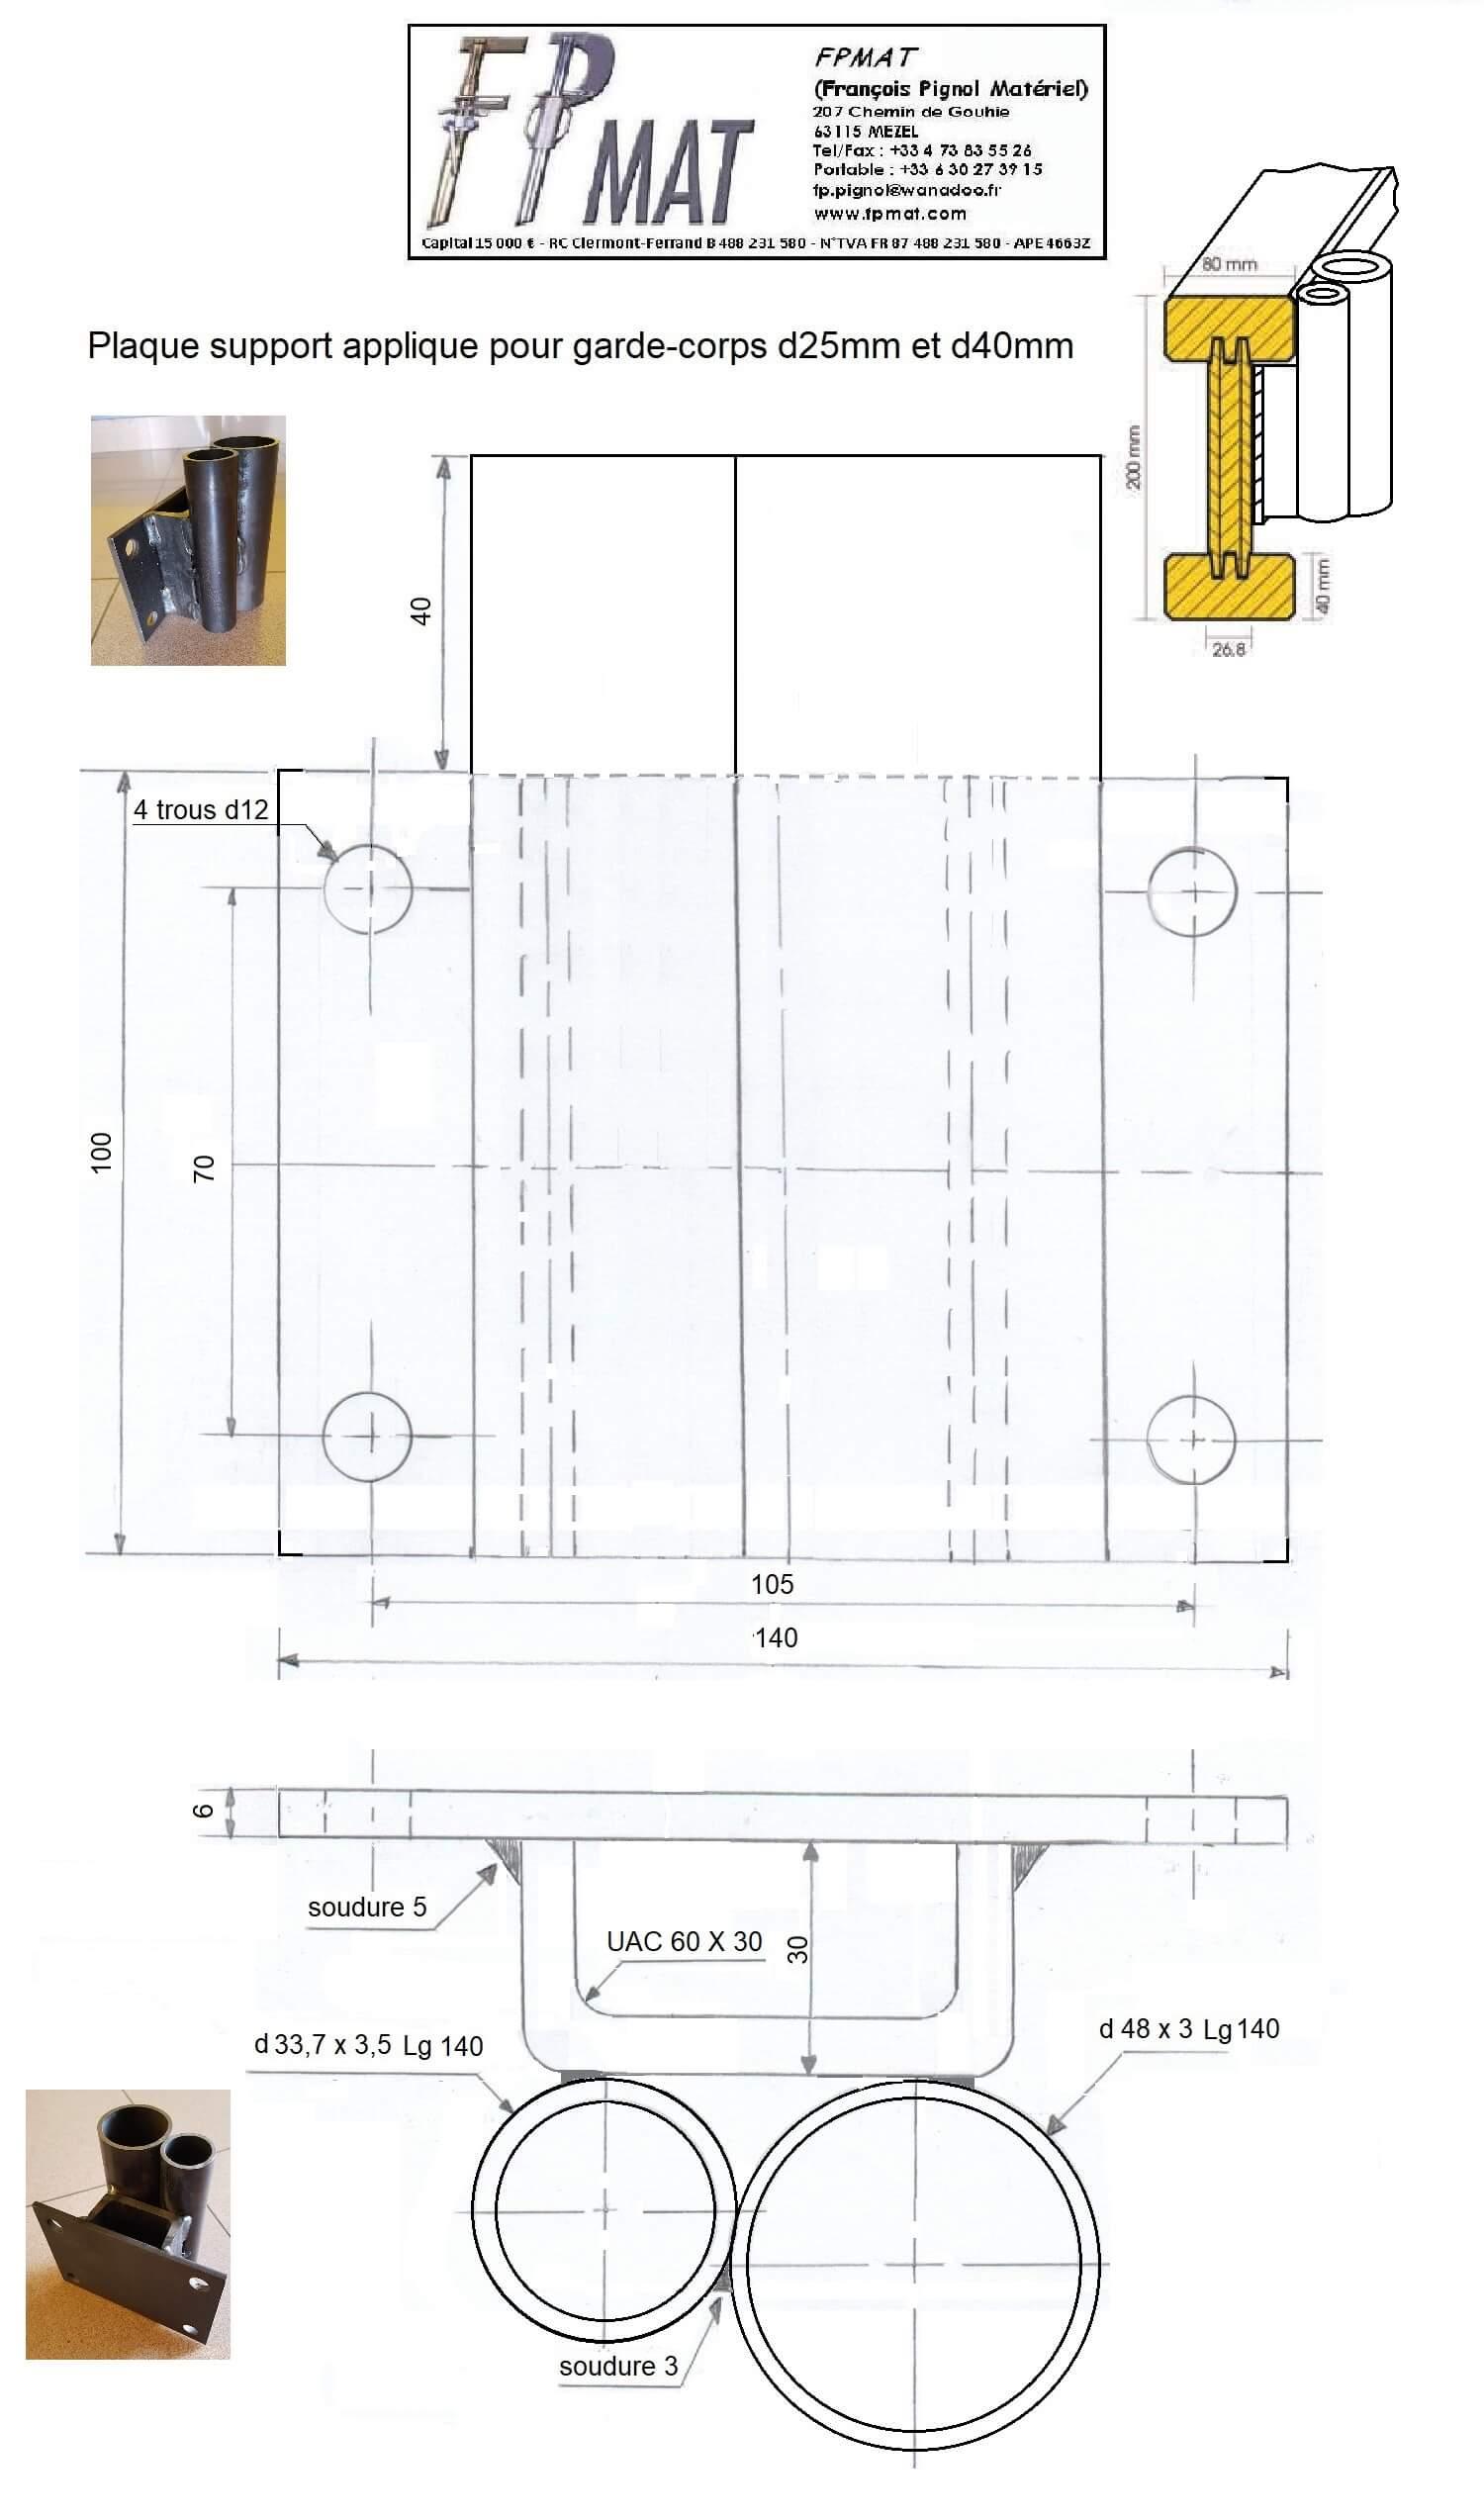 plan-Plaque-support-applique-garde-corps-a-reservation-25mm-et-40mm-fpmat